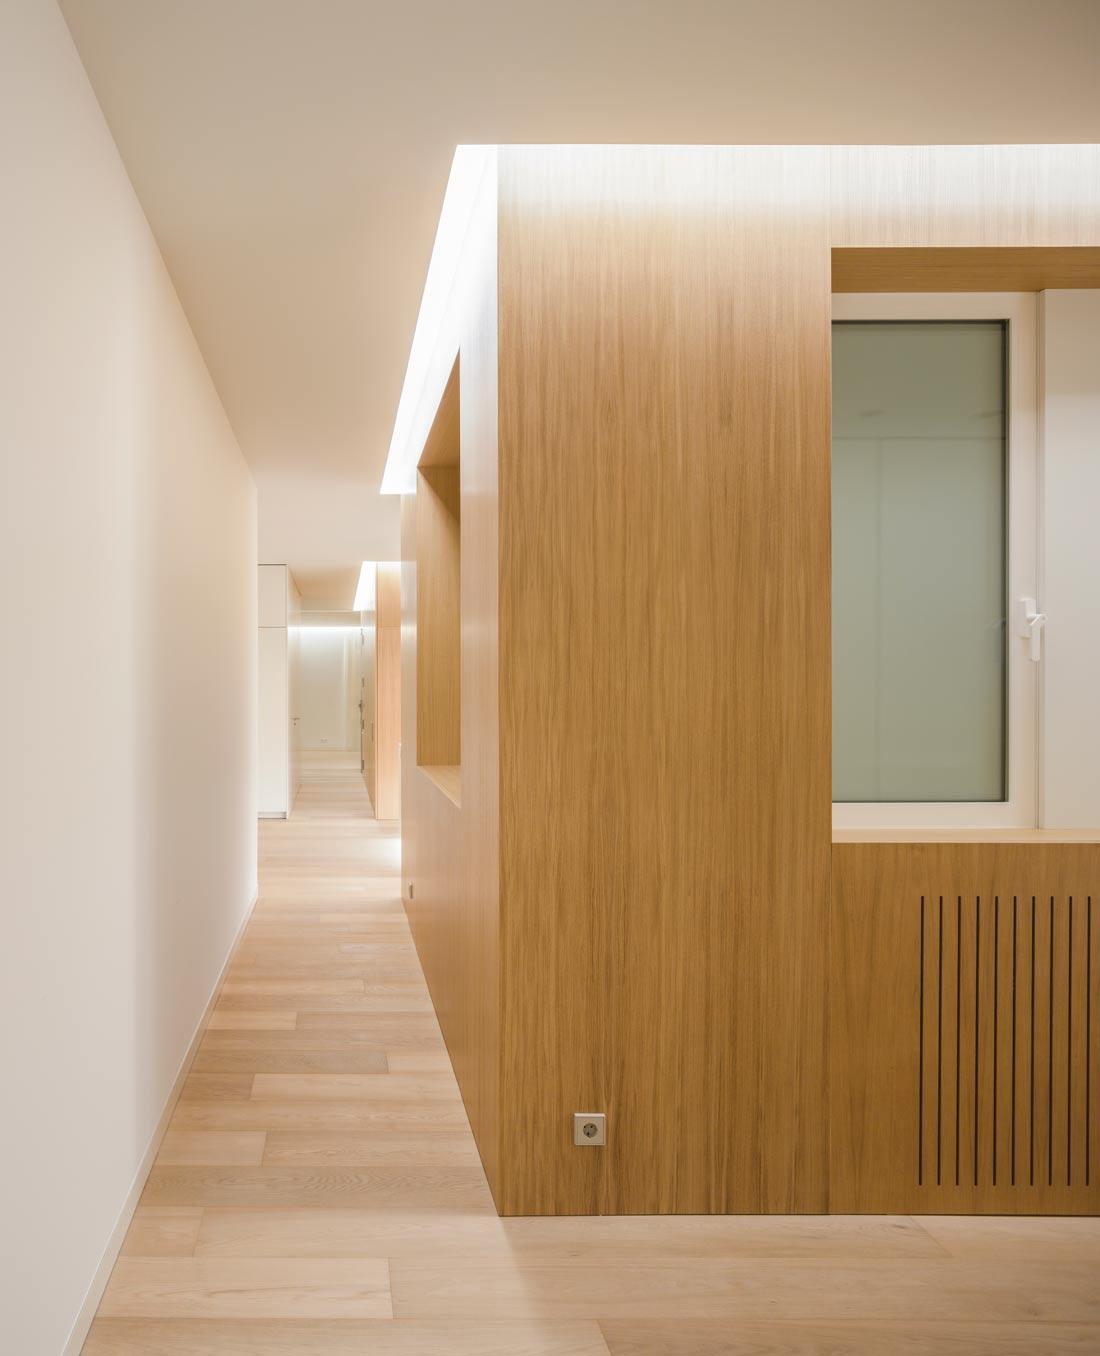 mayordomo architecture homu spanish architects wood paneling